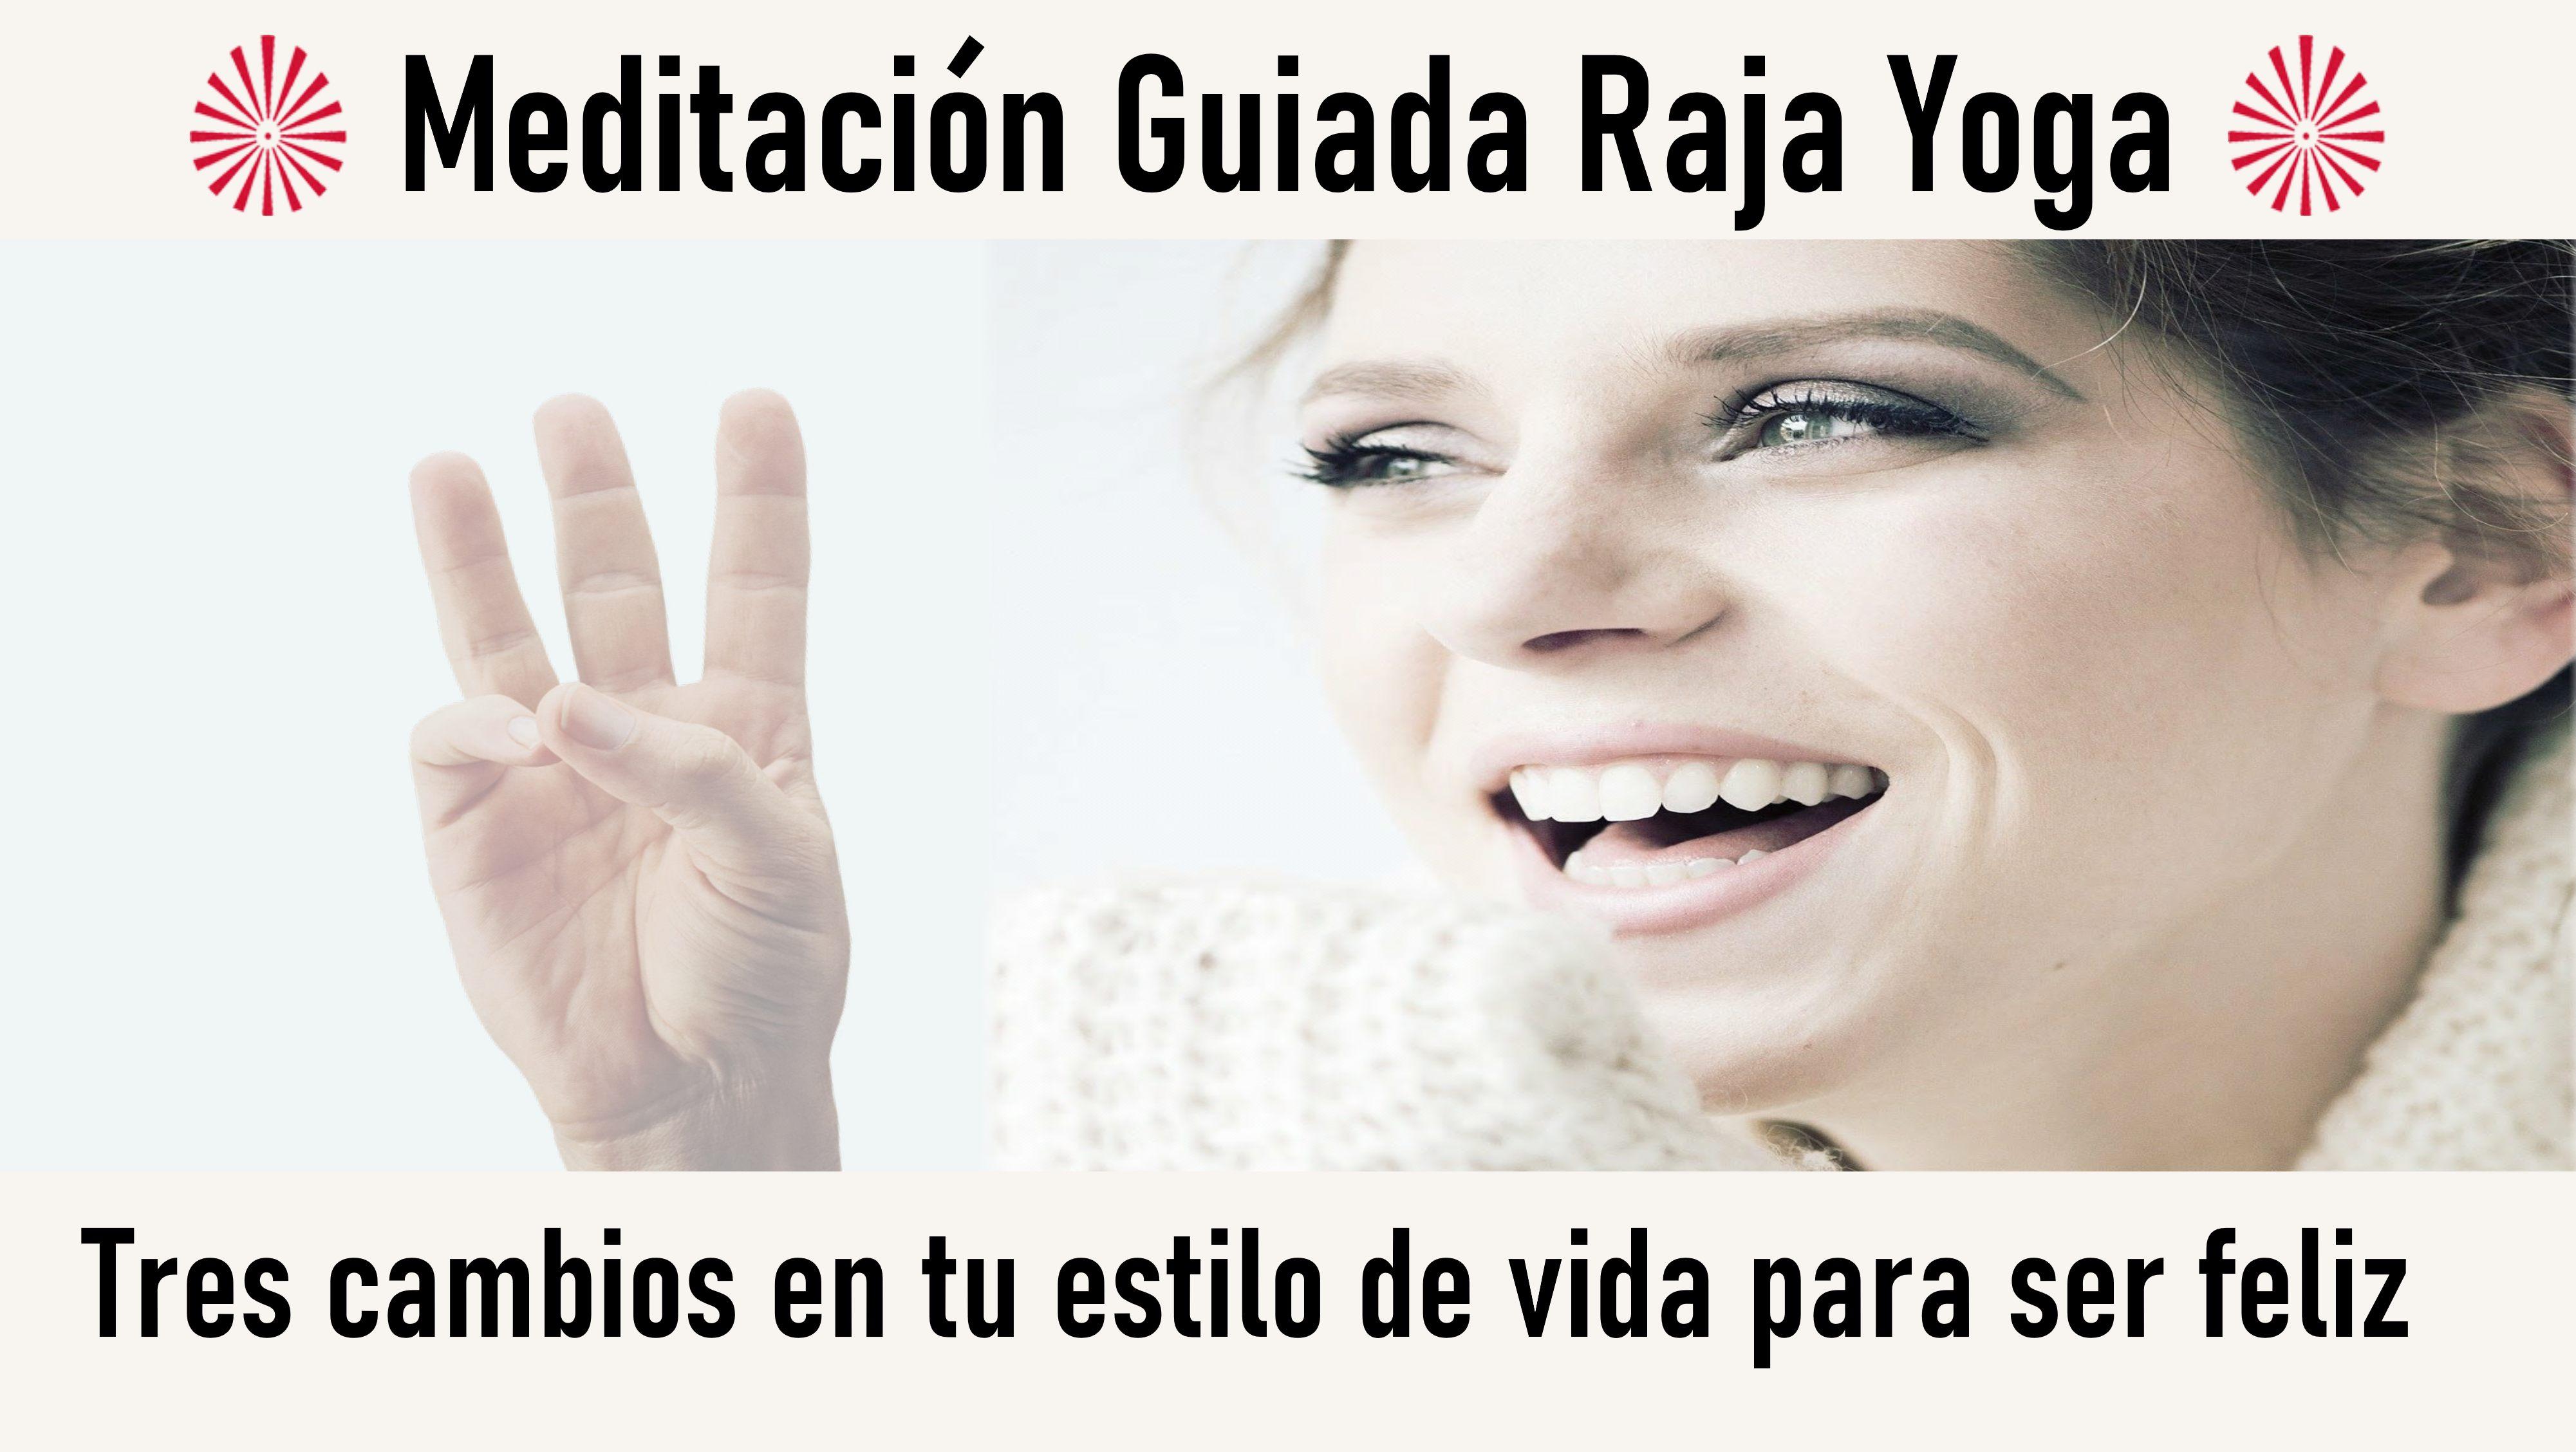 Meditación Raja Yoga: Tres cambios en tu estilo de vida para ser feliz (13 Agosto 2020) On-line desde Barcelona